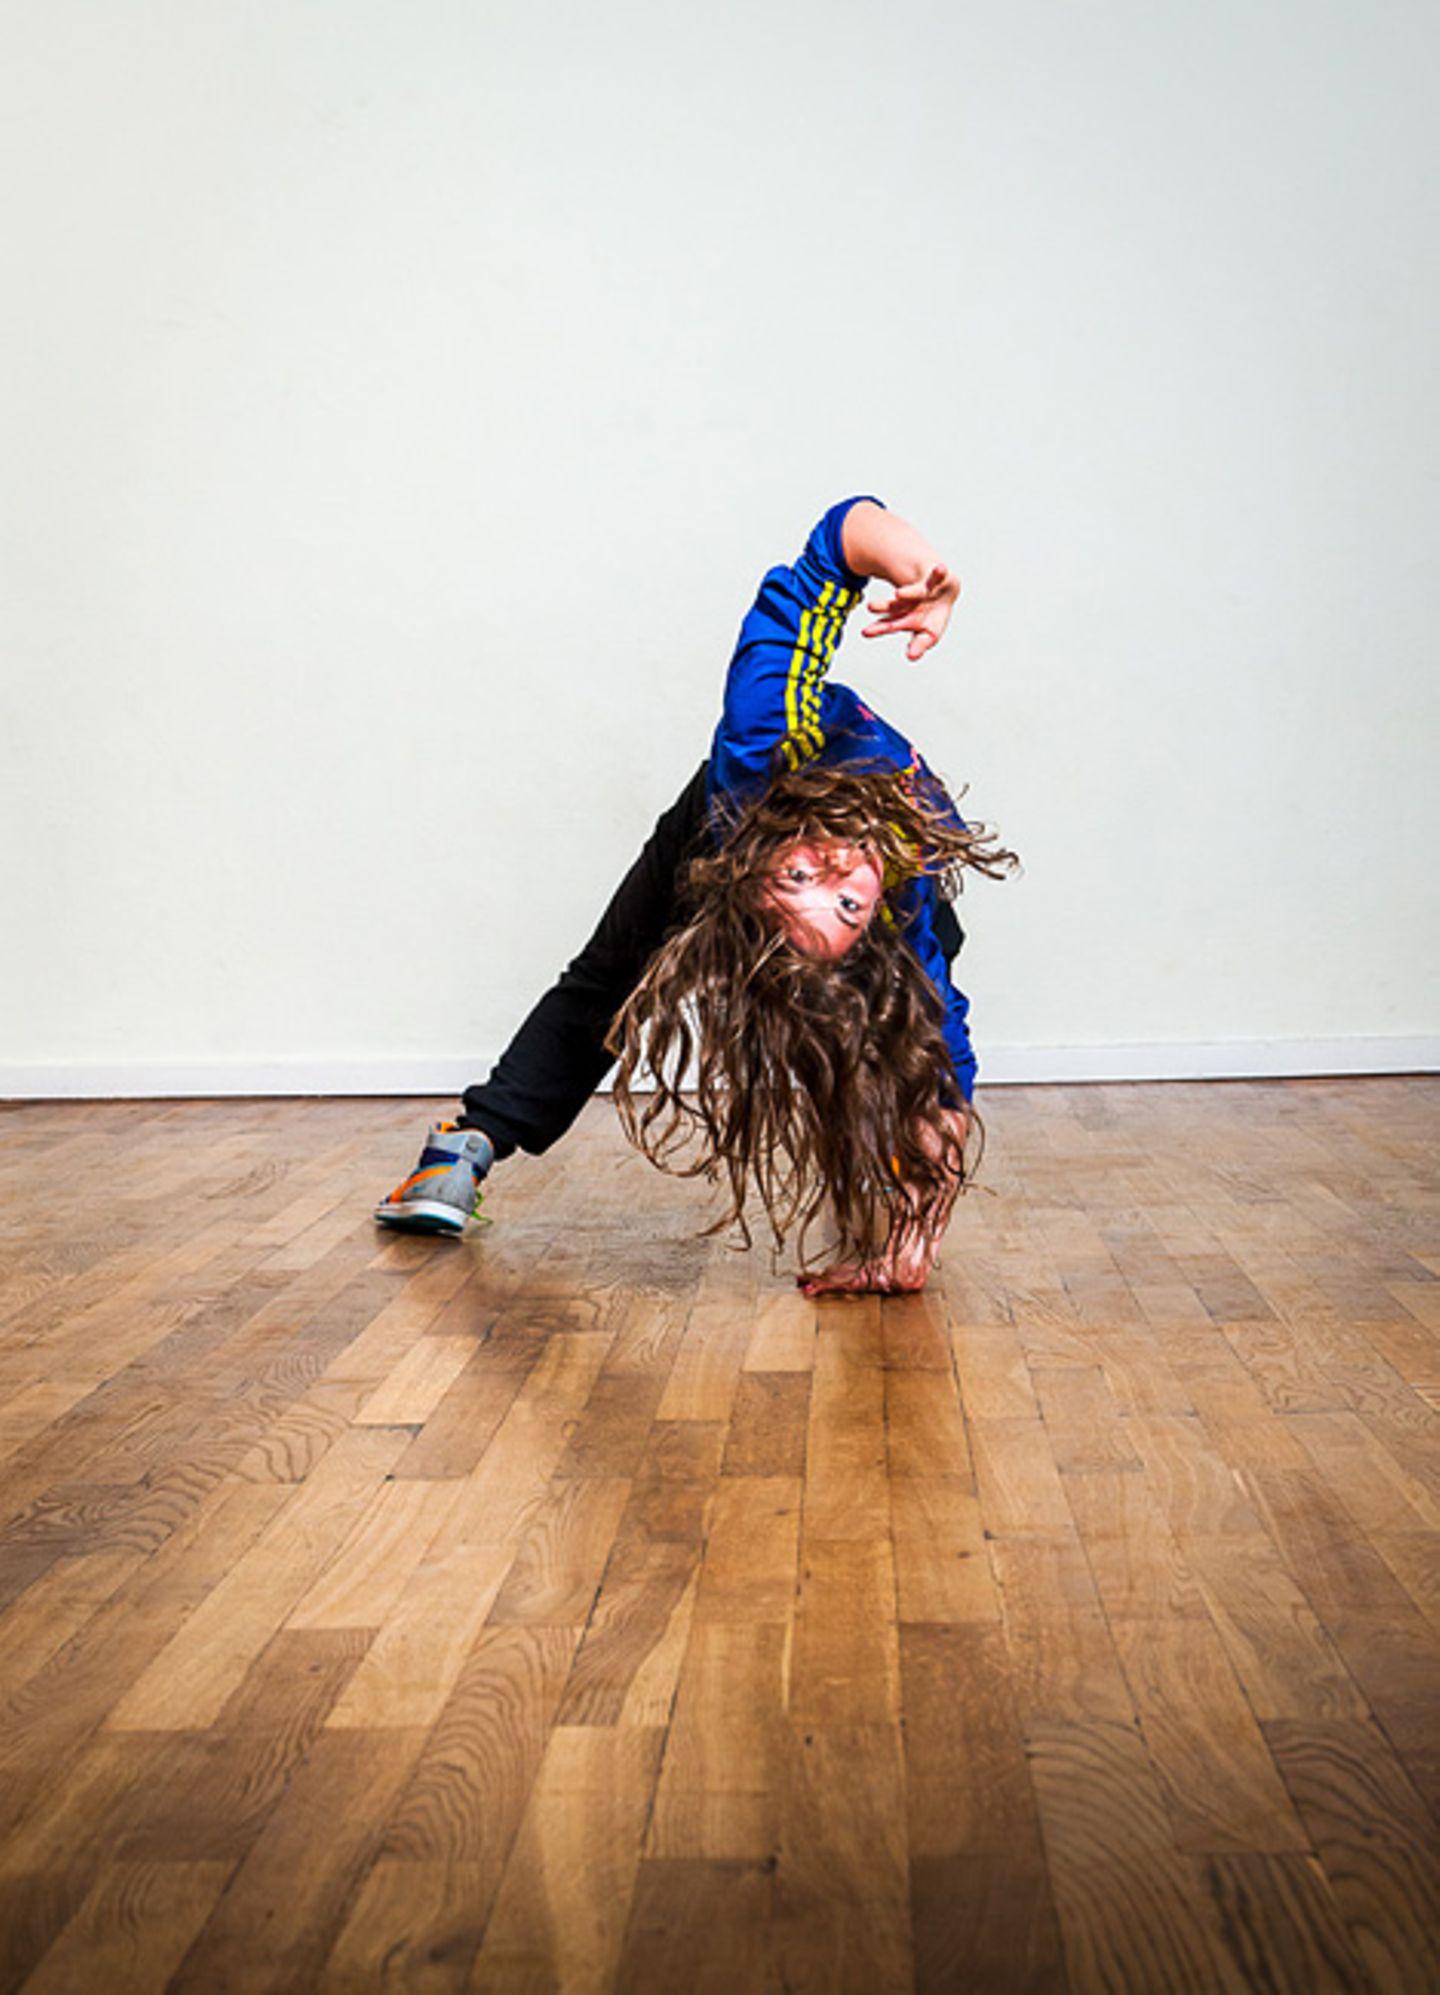 Video: Breakdance: Tanz ohne Regeln - Bild 10